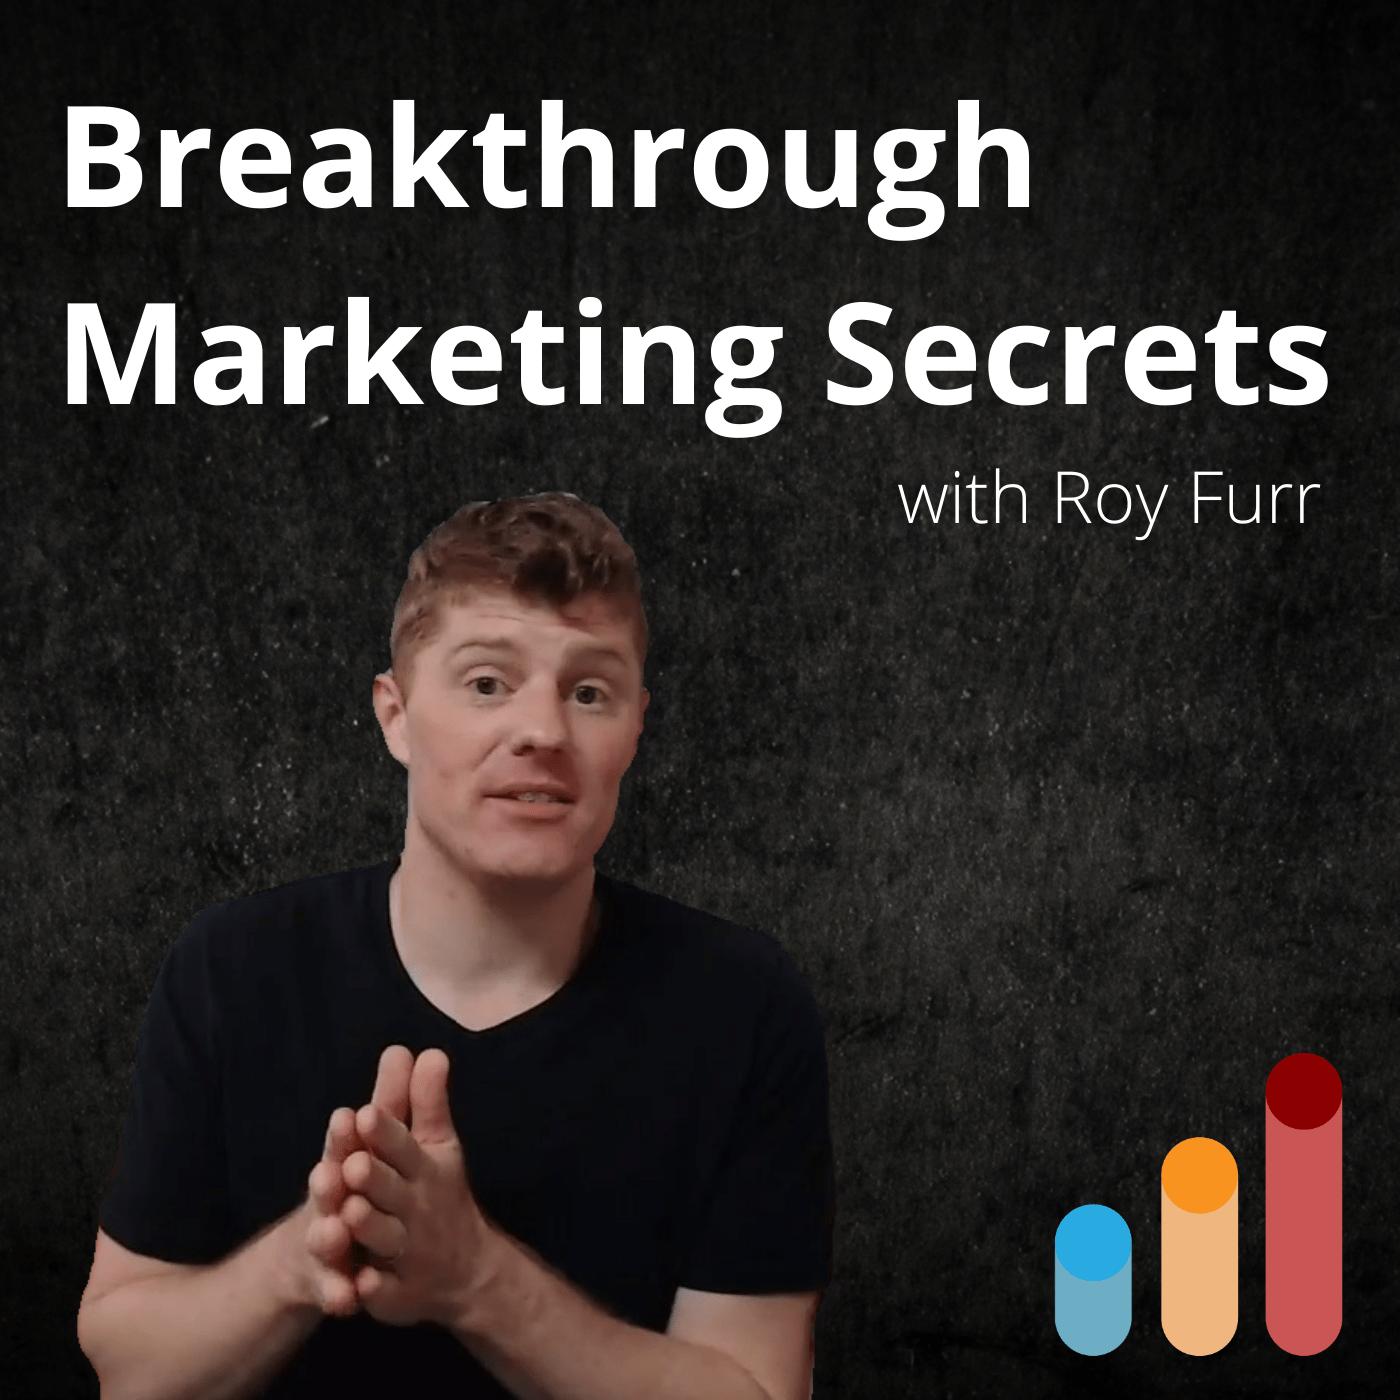 Artwork for podcast Breakthrough Marketing Secrets